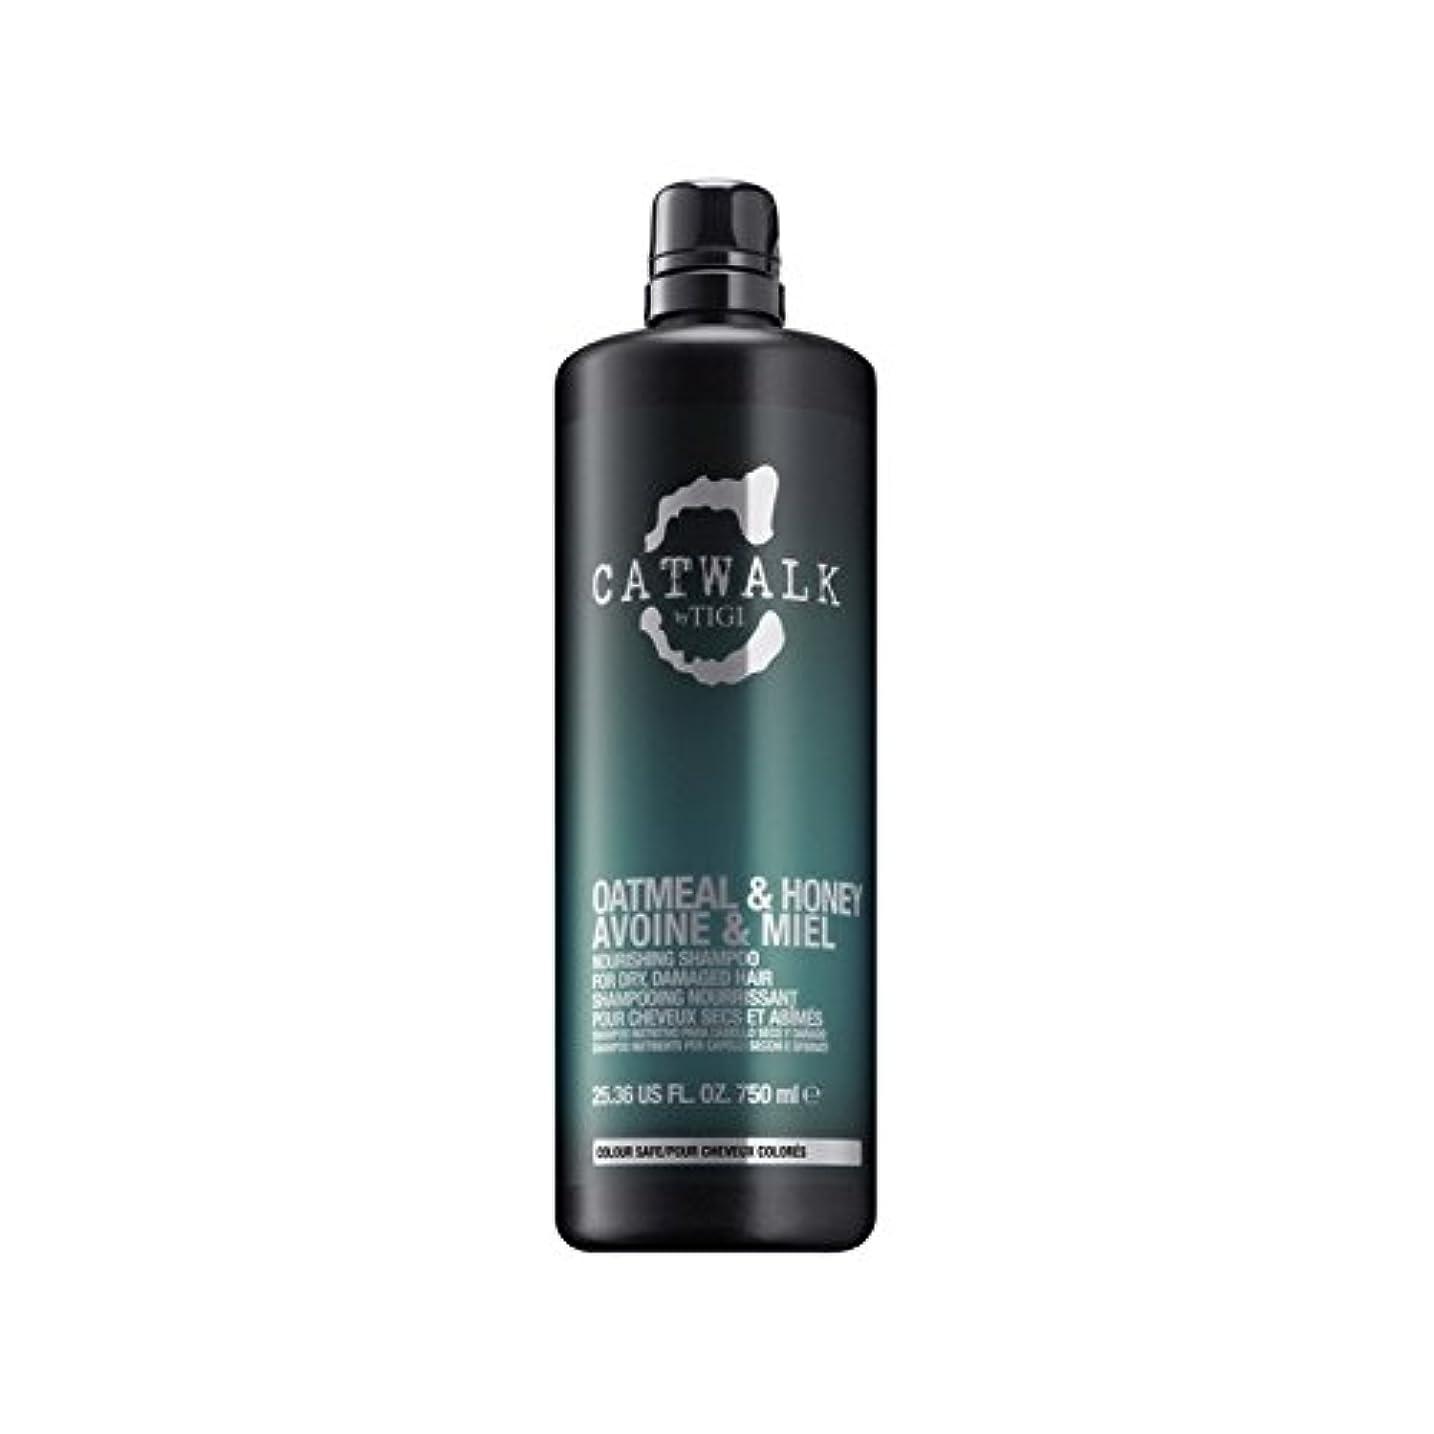 レバーバーゲン終点Tigi Catwalk Oatmeal & Honey Nourishing Shampoo (750ml) (Pack of 6) - ティジーキャットウォークオートミール&ハニー栄養シャンプー(750ミリリットル) x6 [並行輸入品]